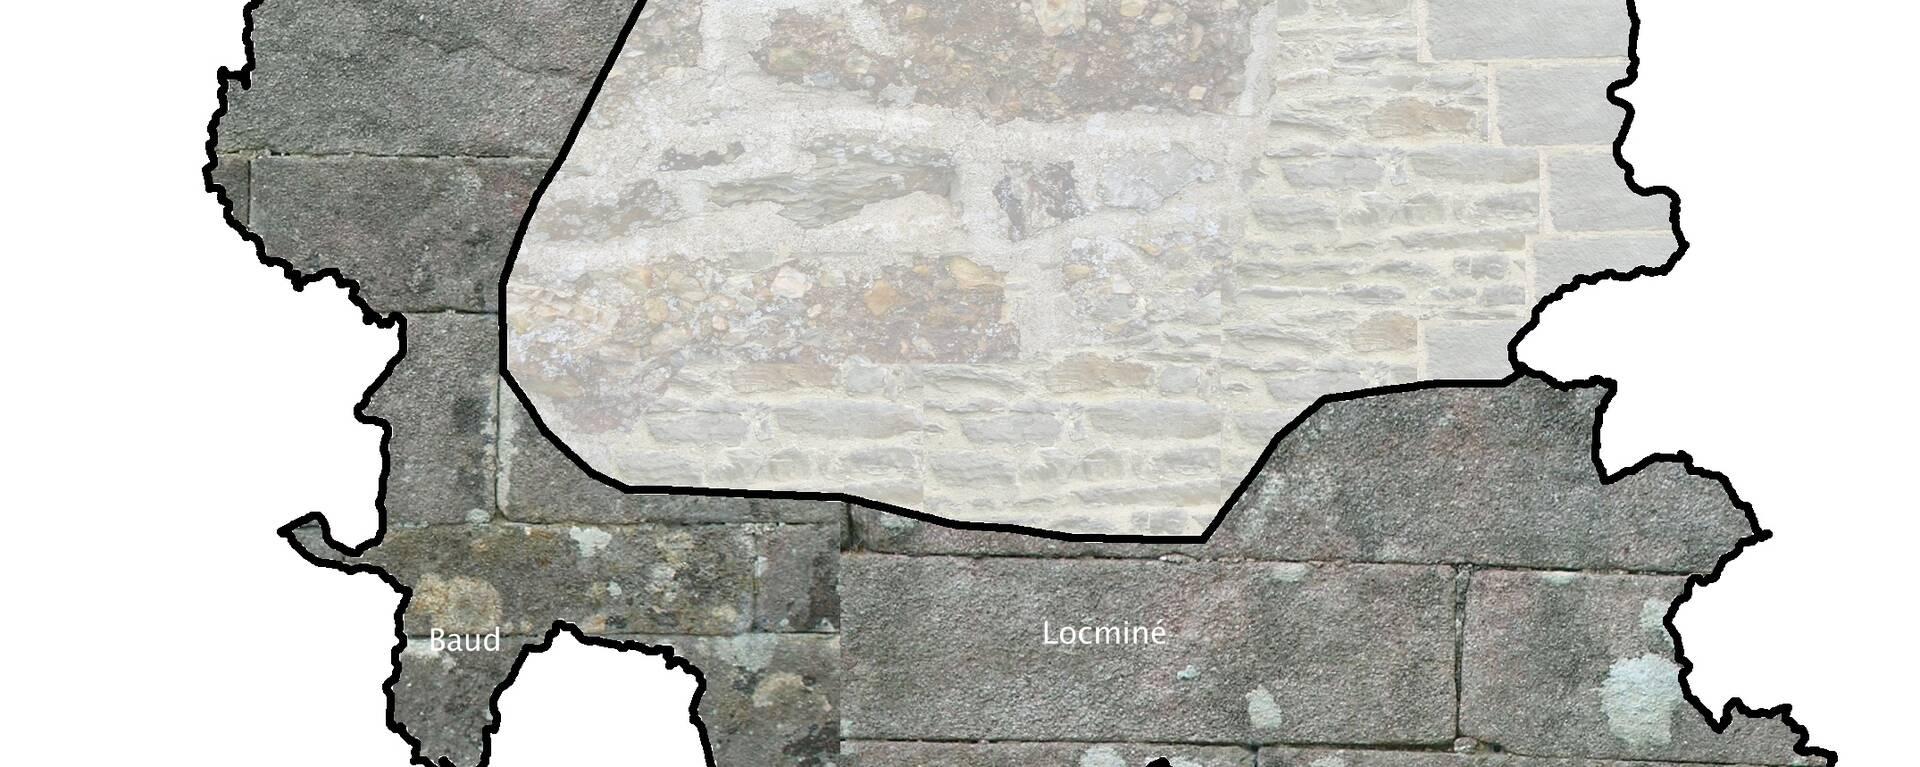 Les matériaux de construction du bâti ancien